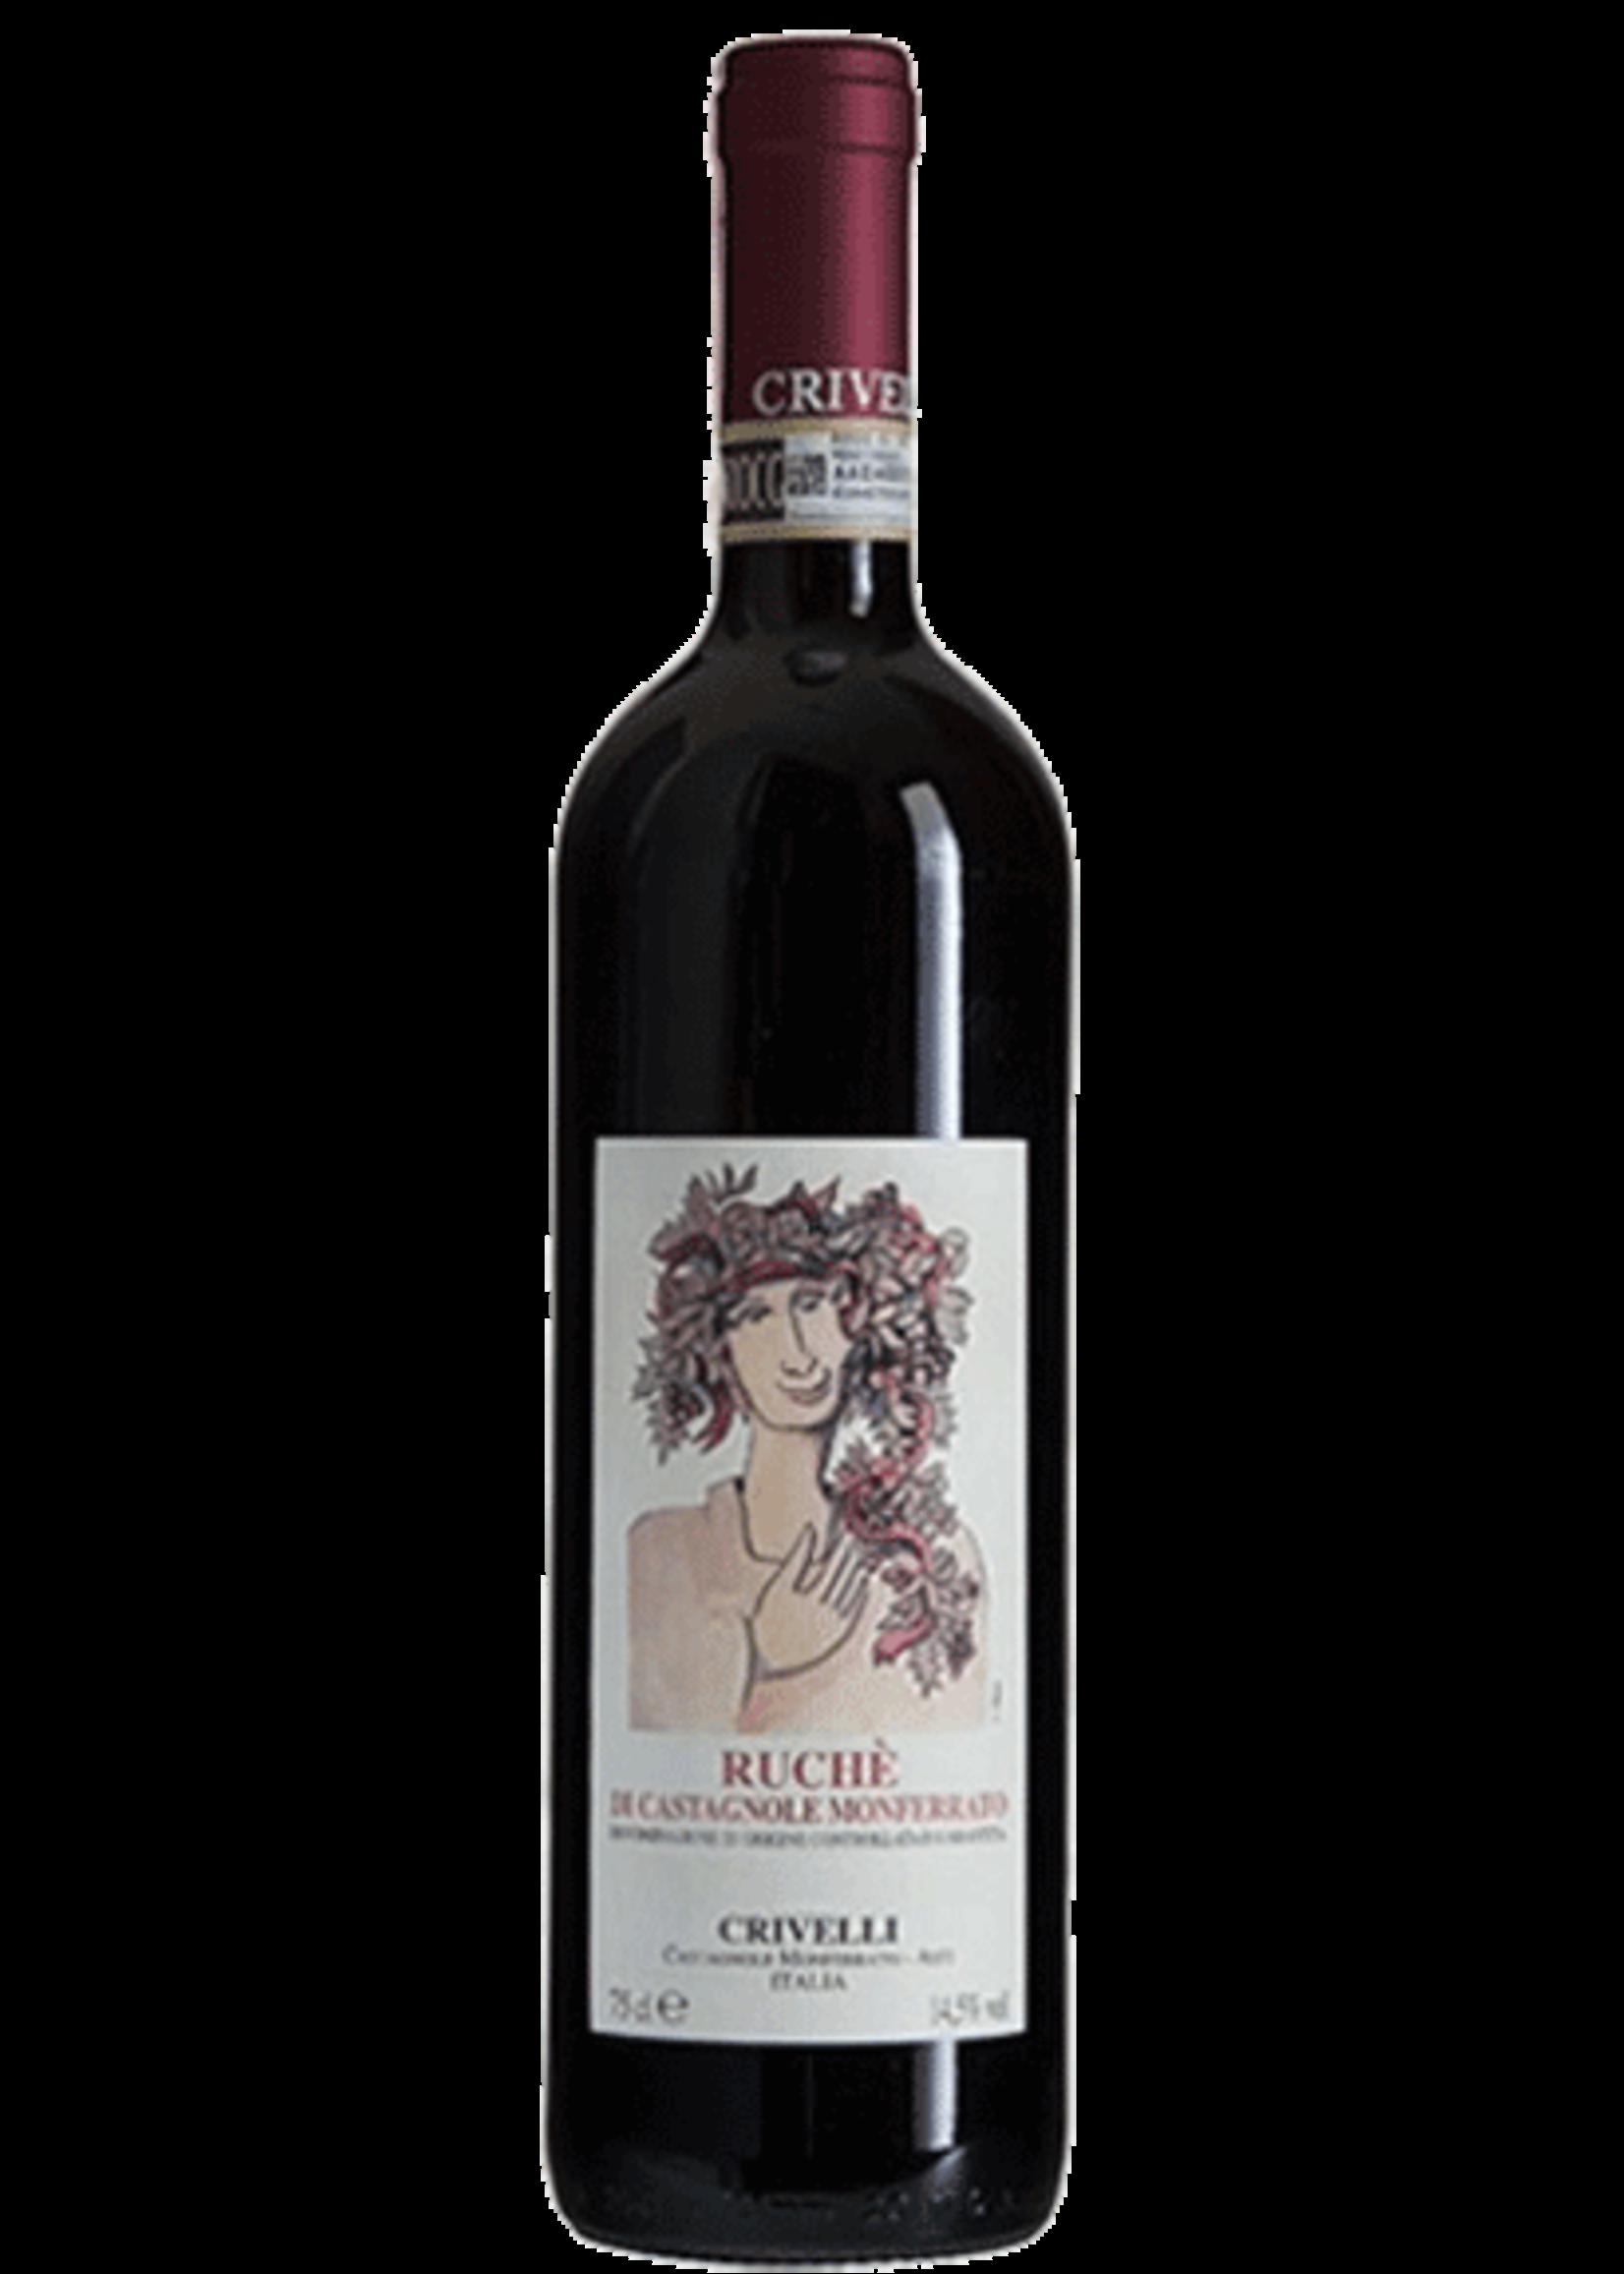 Crivelli Crivelli / Ruche Di Castagnole Monferrato 2019 / 750mL